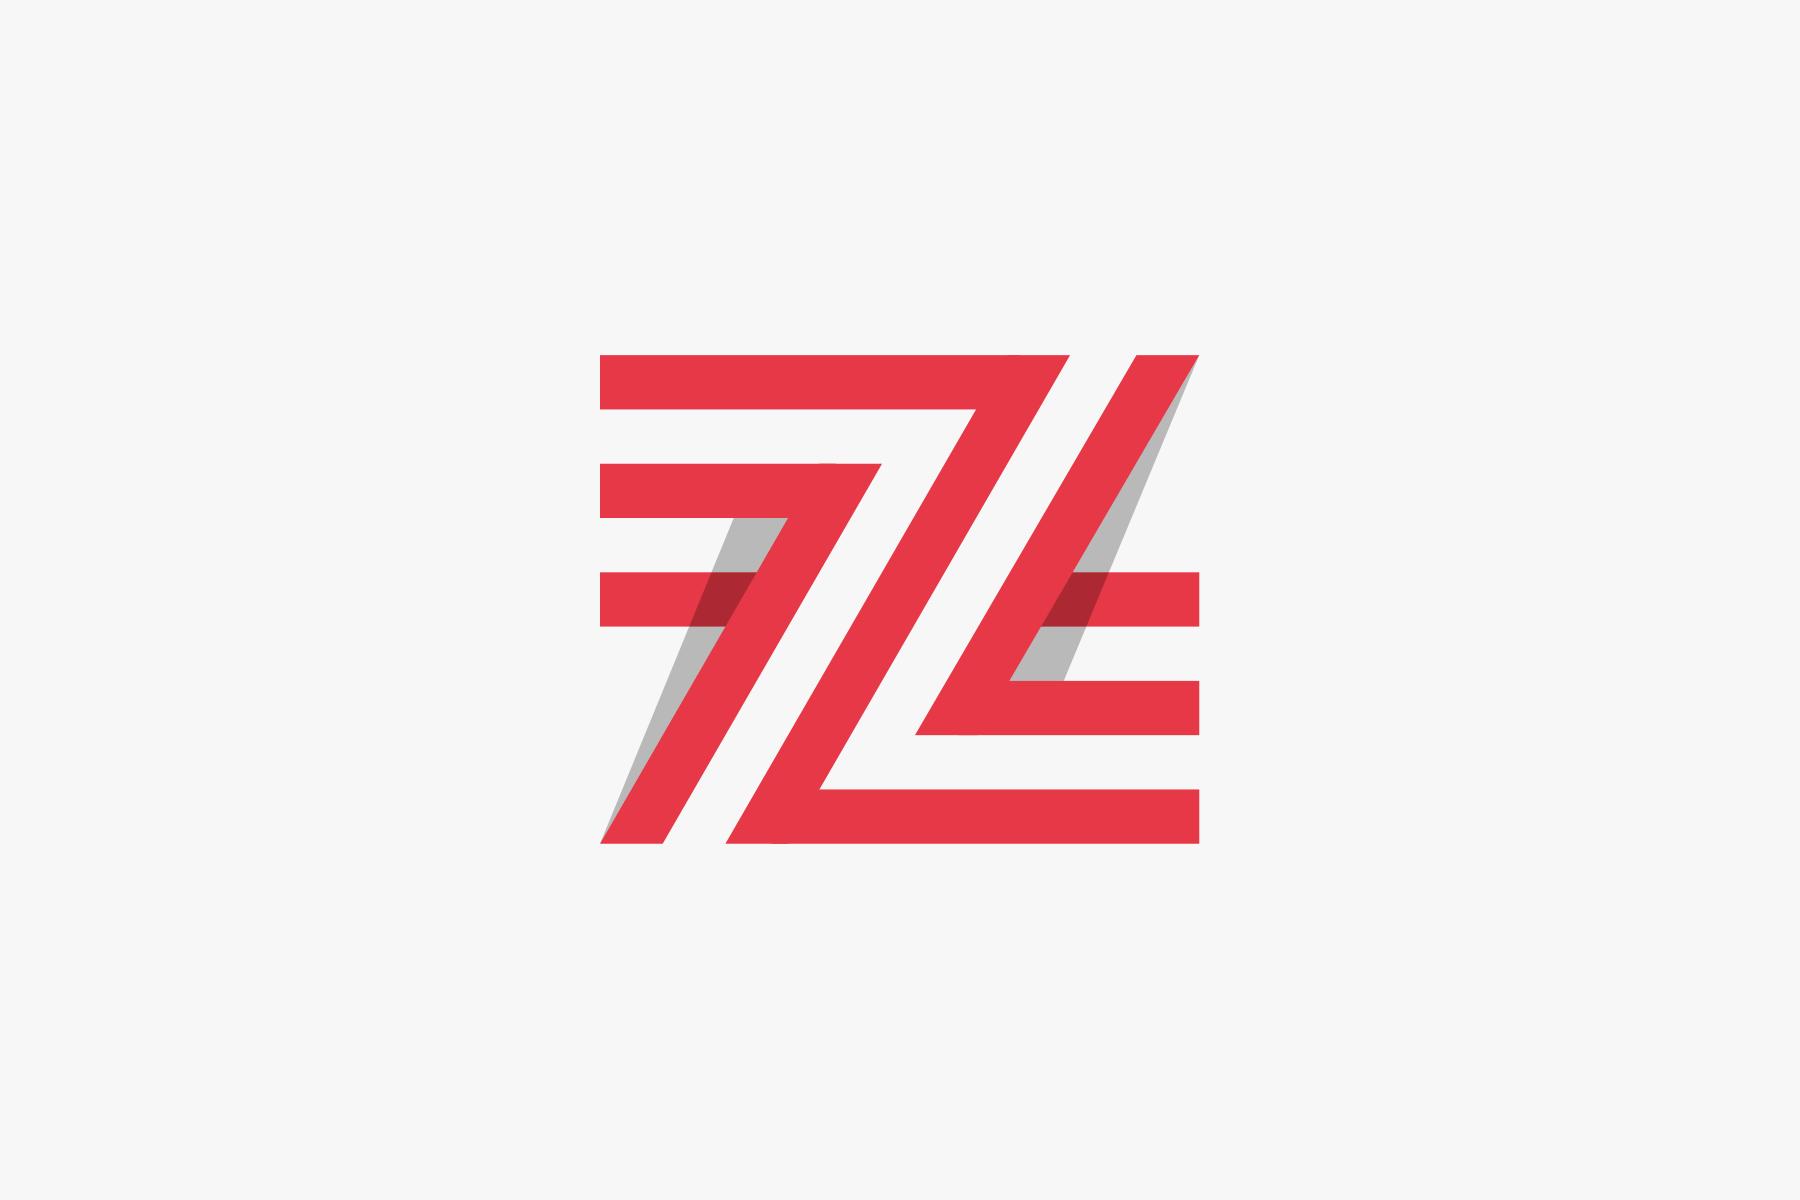 36 Days of Type - Z